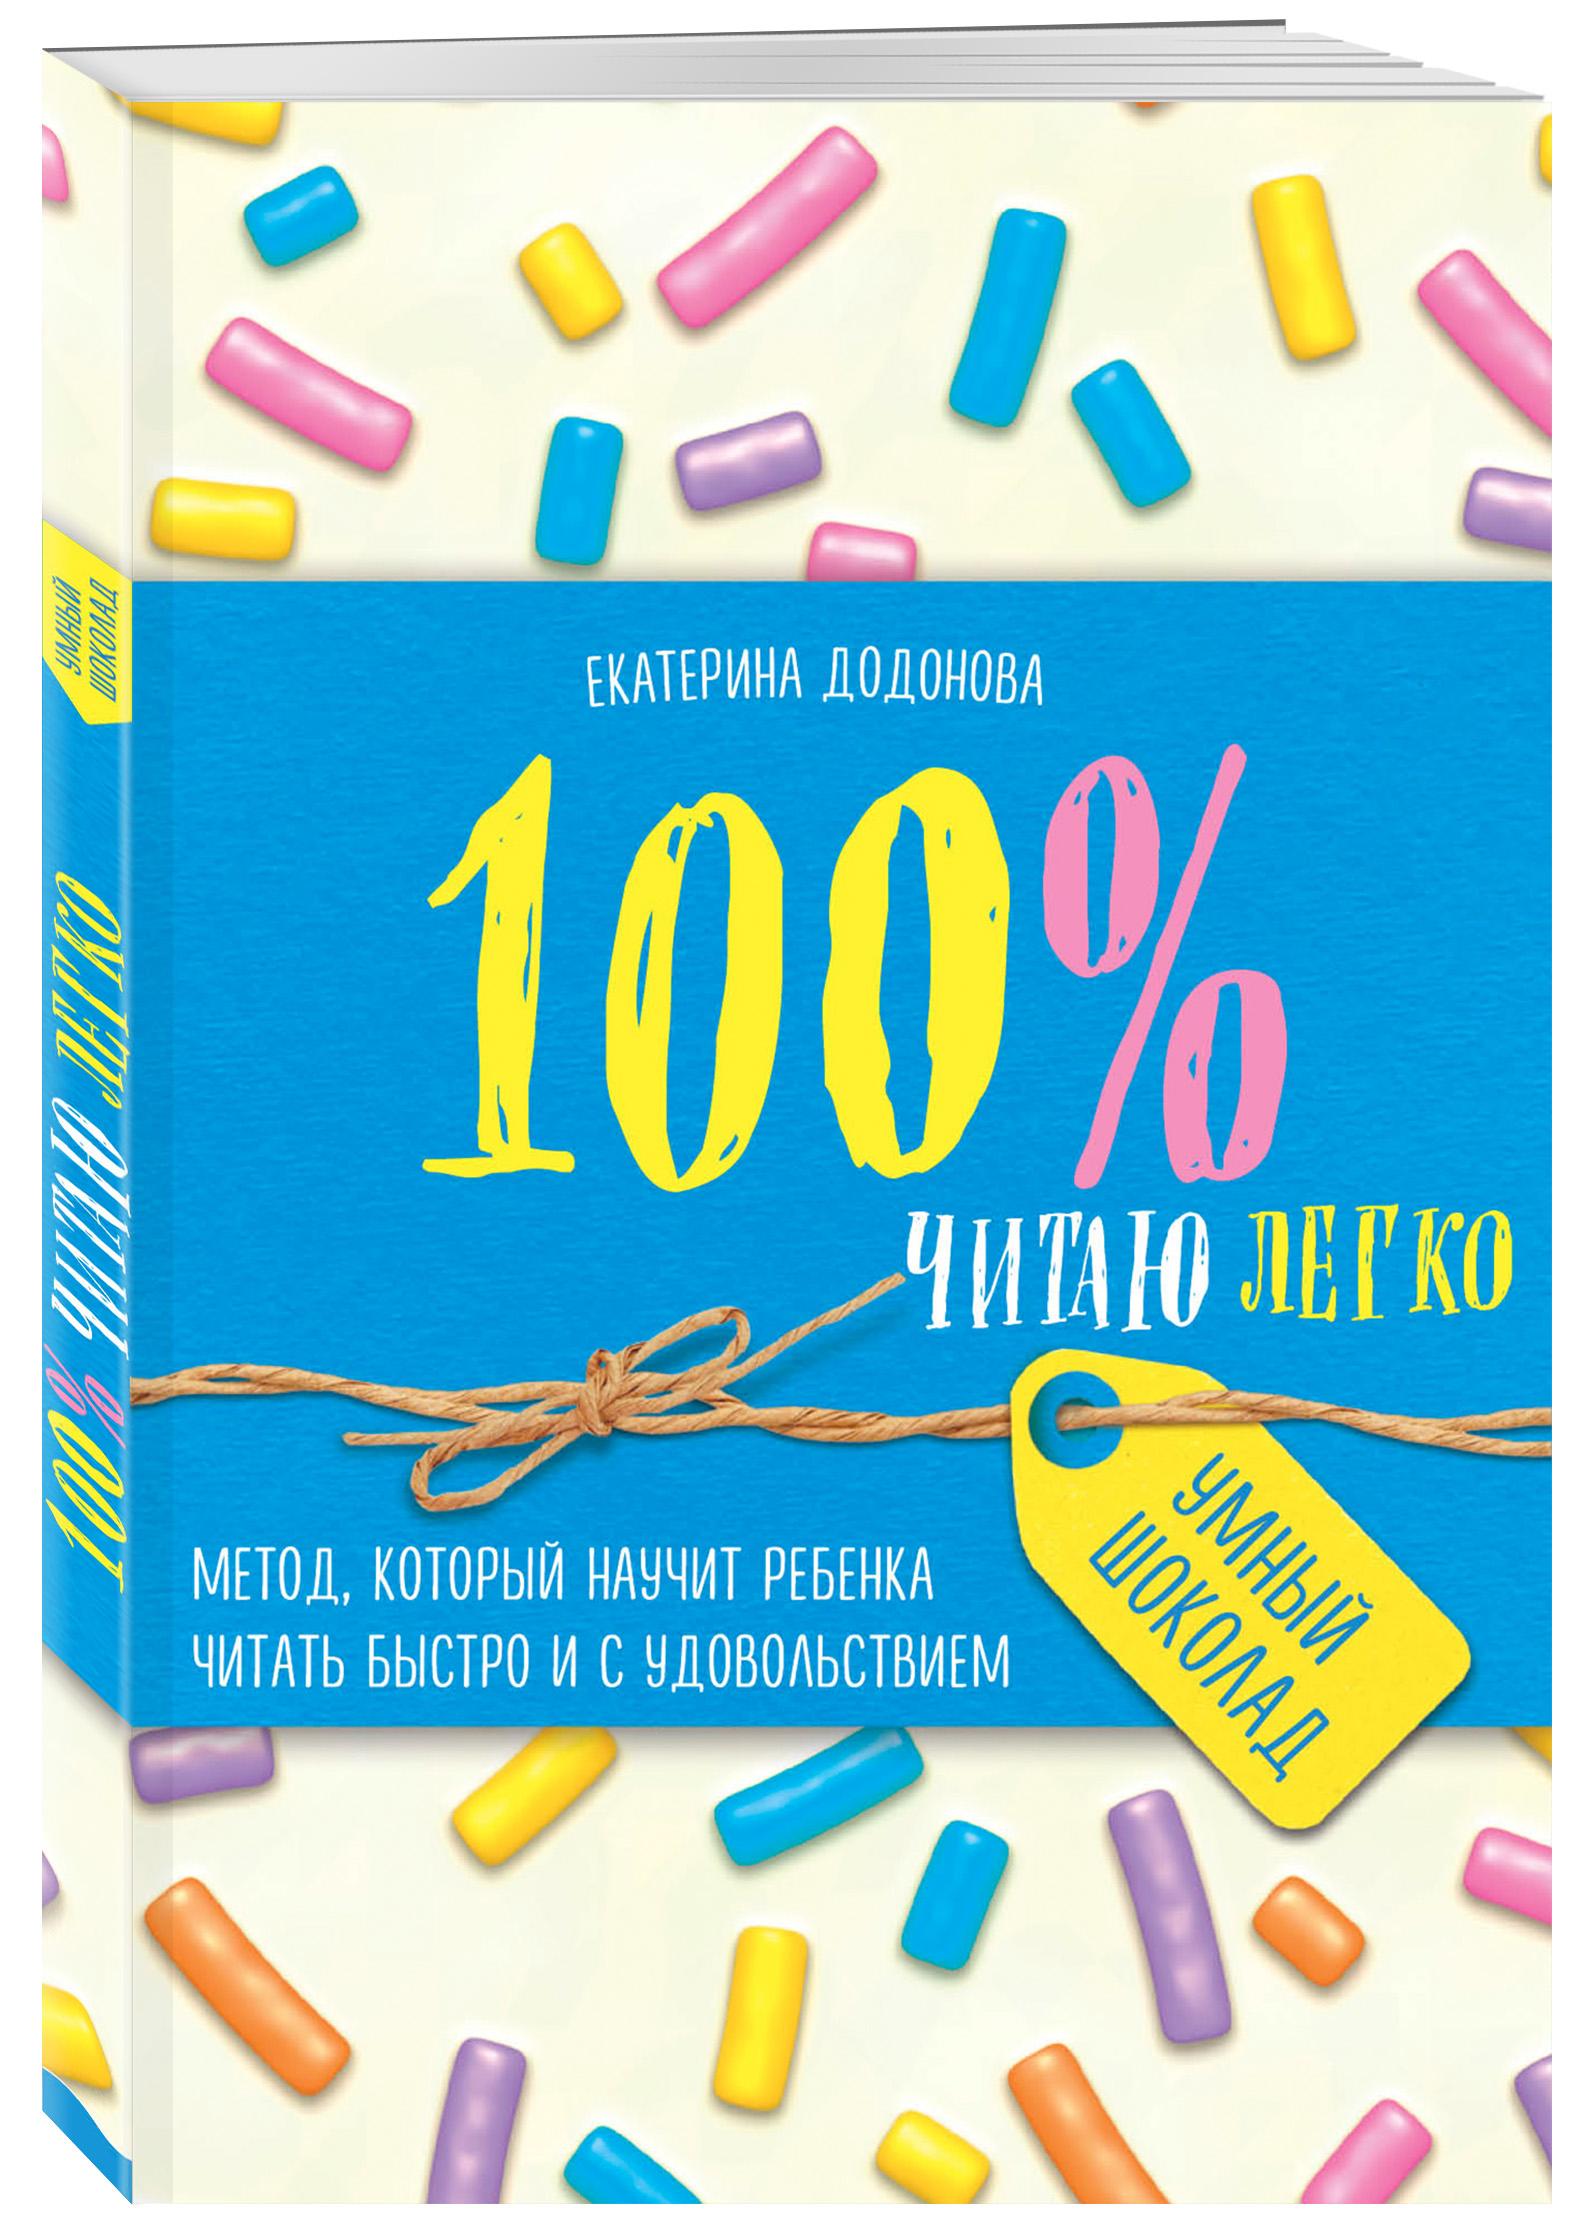 Екатерина Додонова 100% читаю легко. Метод, который научит ребенка читать быстро и с удовольствием